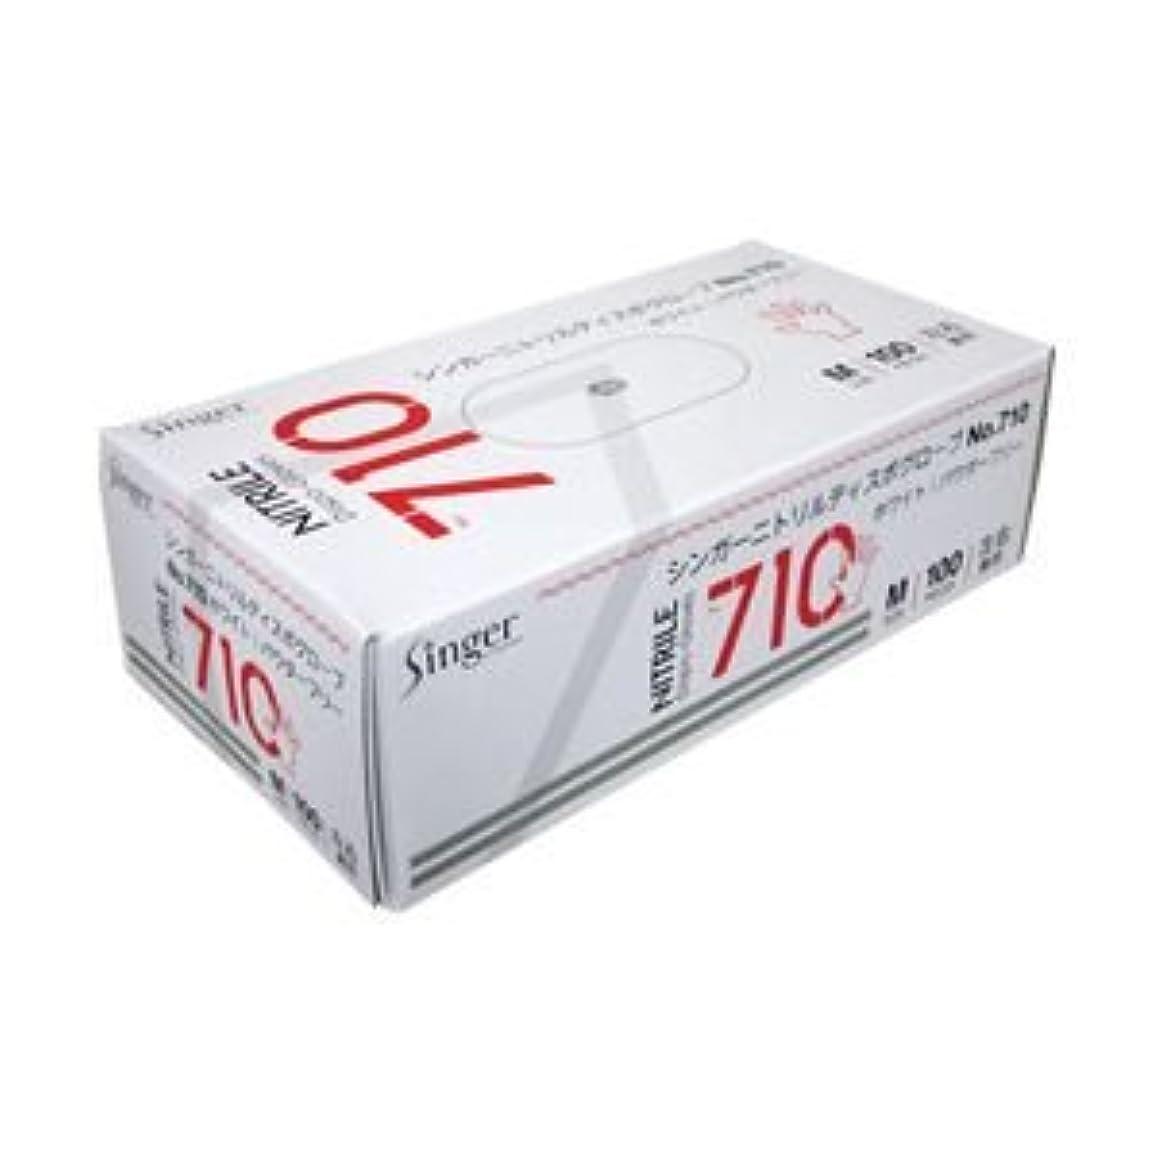 十代動的非常に怒っています宇都宮製作 ニトリル手袋710 粉なし M 1箱(100枚) ×5セット